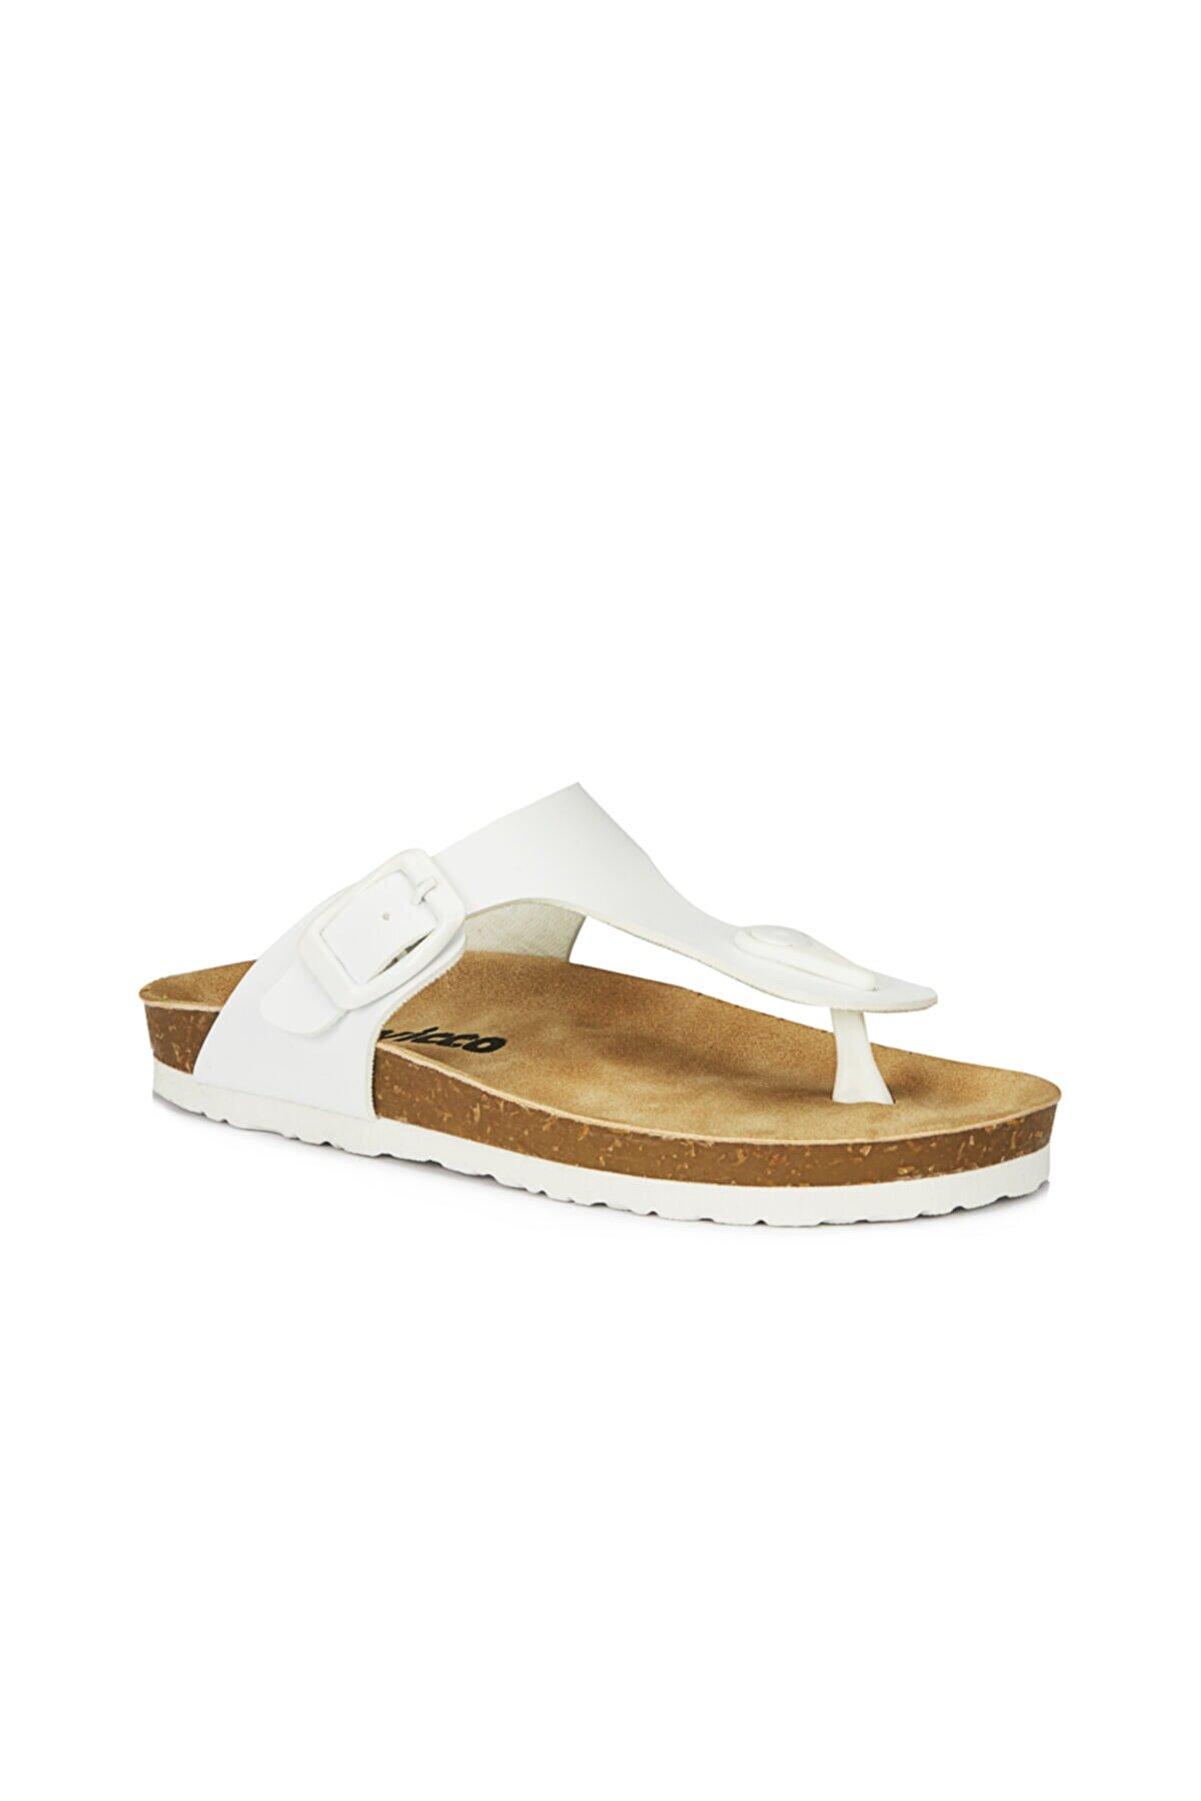 Vicco Ponny Kız Çocuk Filet Sandalet